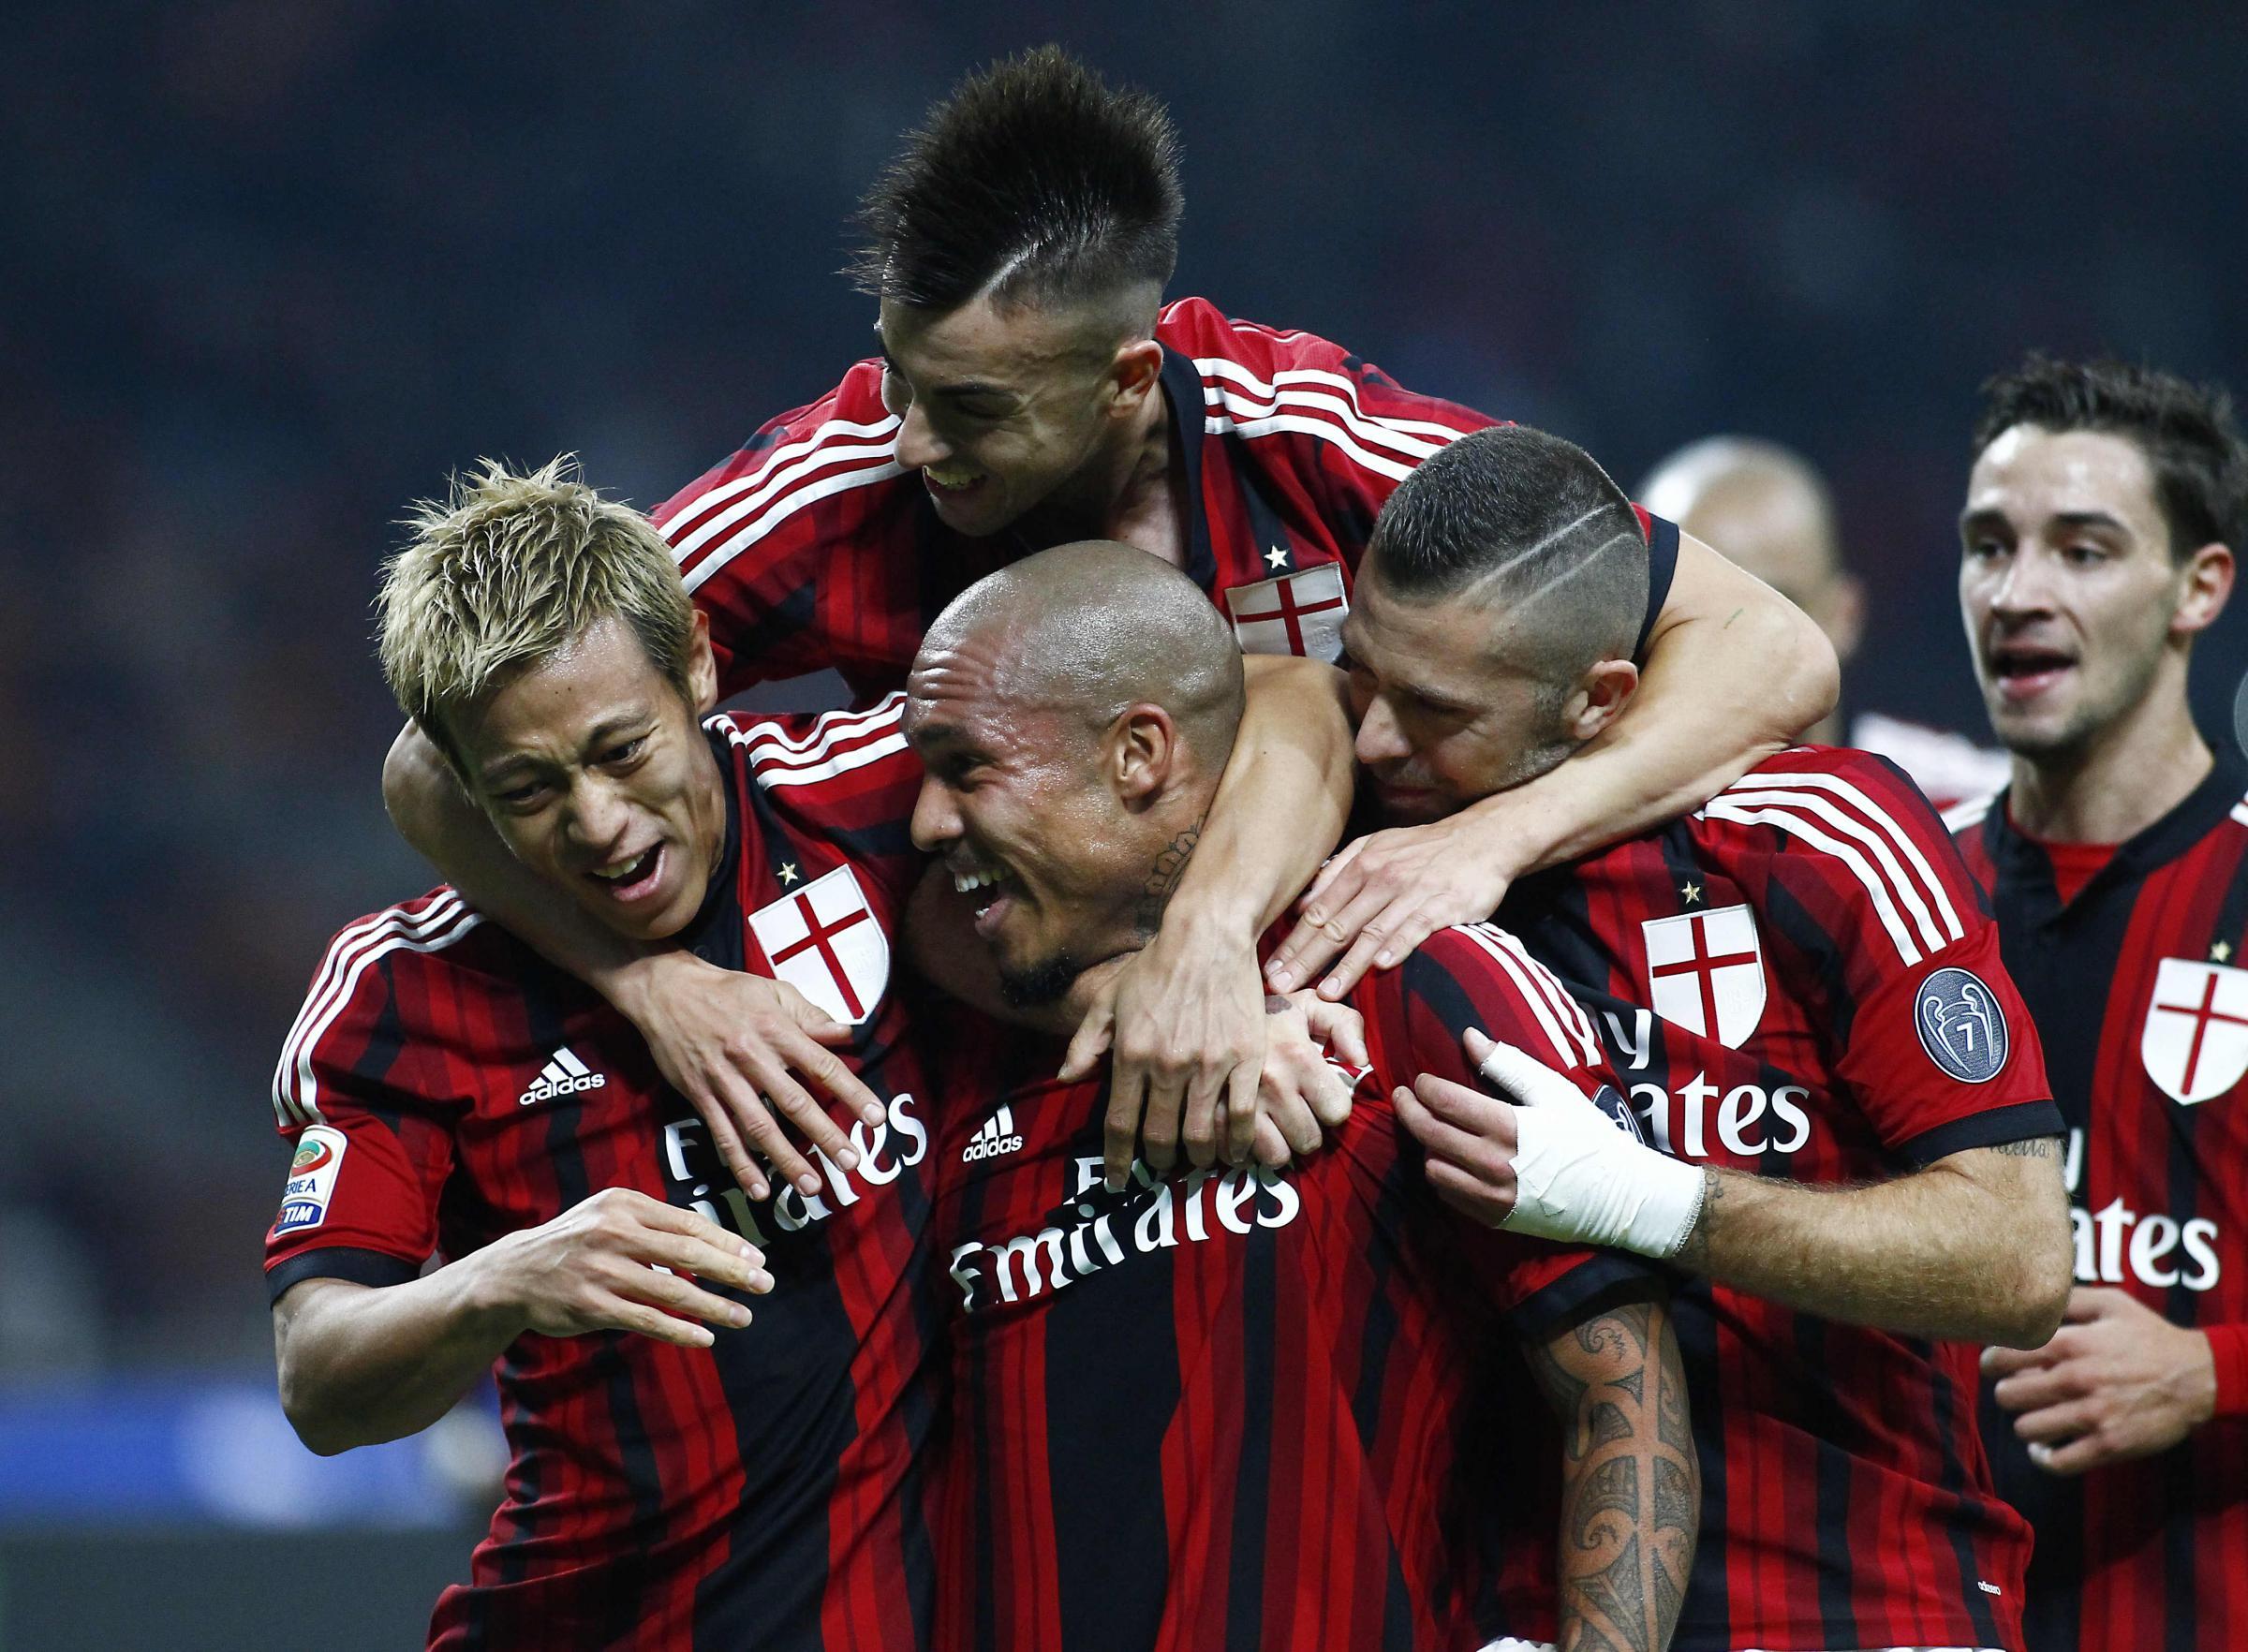 Che fine ha fatto il bel Milan di inizio stagione?